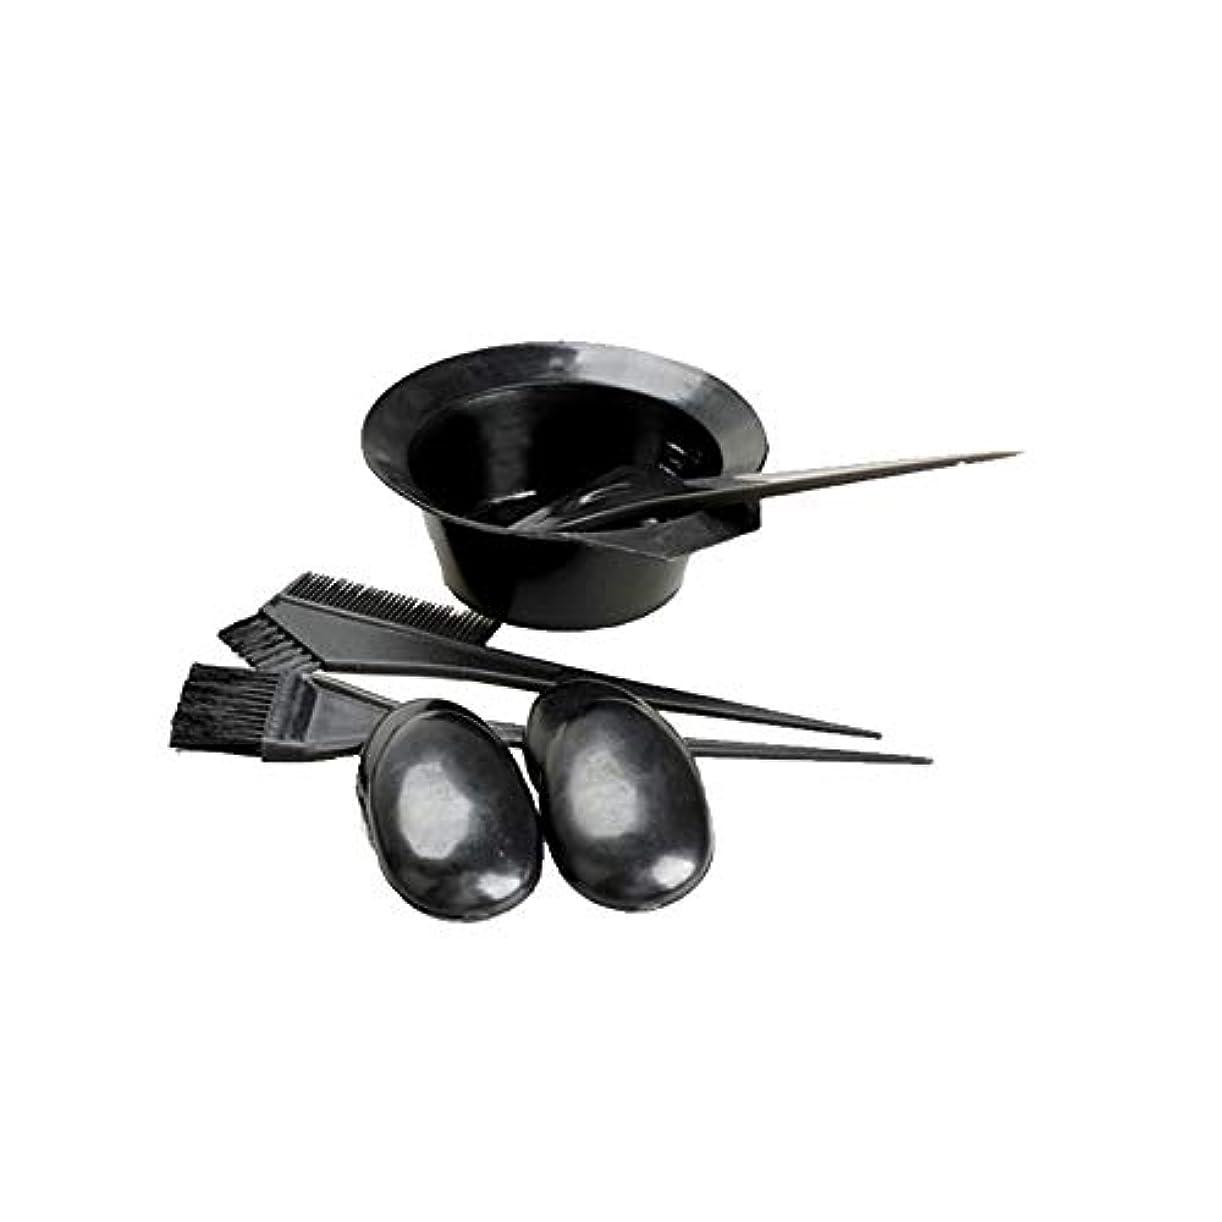 ブローホールジョグ州黒い髪の染料の色のトーンイットユアセルフツールキットセットの美容院の皿洗いの組み合わせを設定する5 /設定染毛剤キット